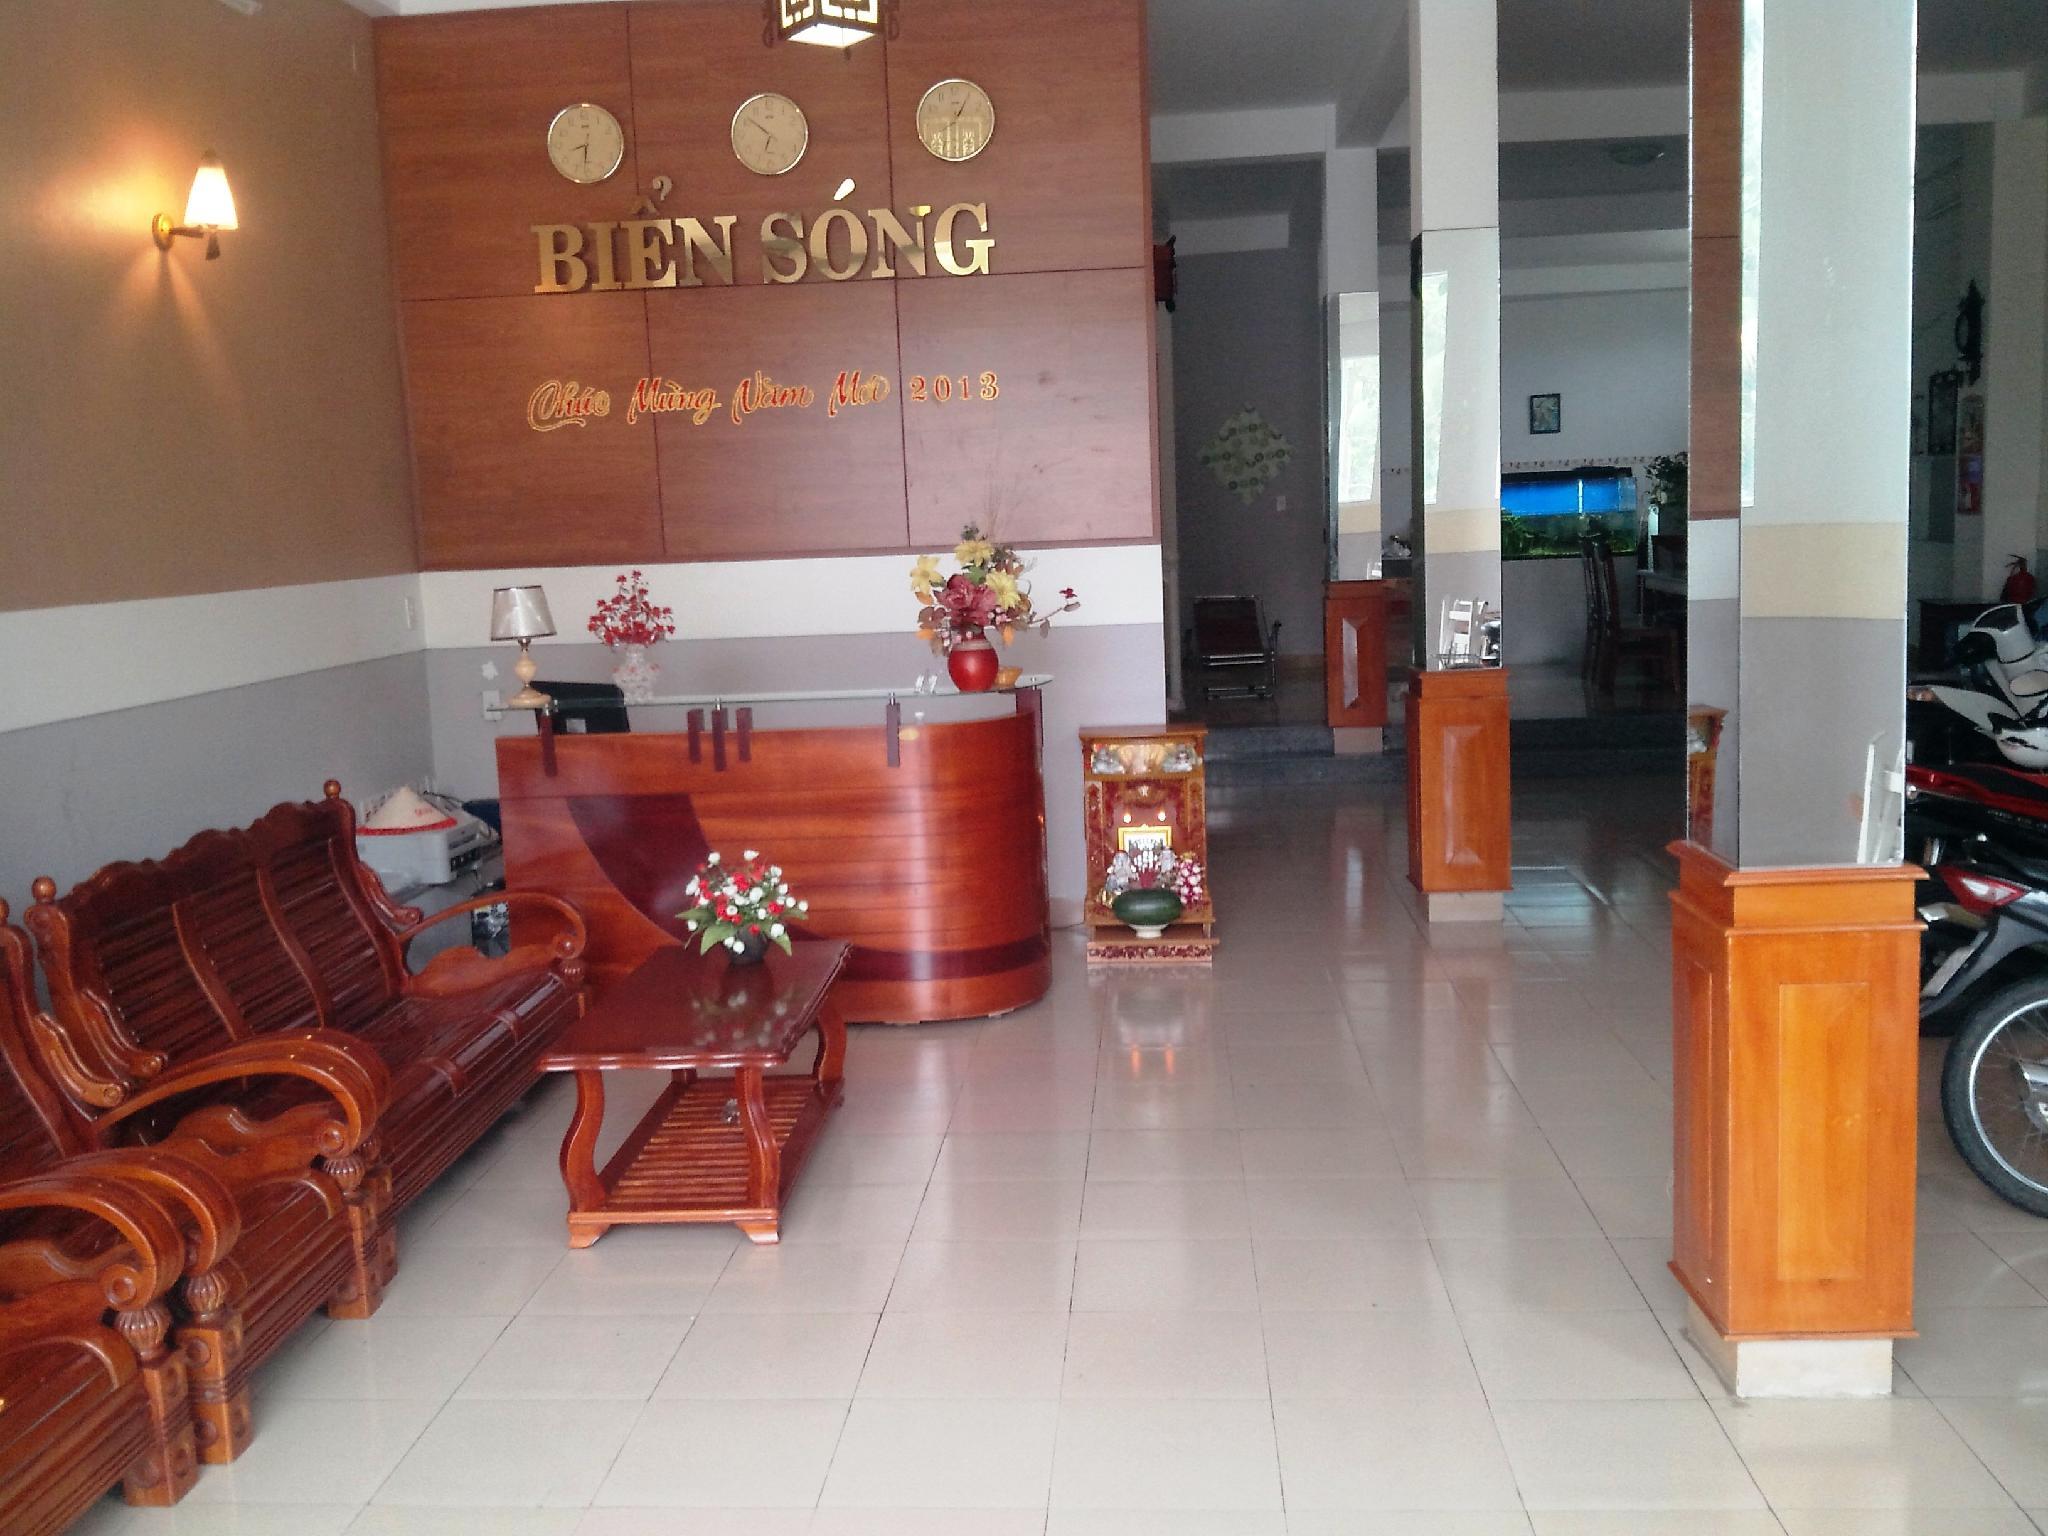 Khách Sạn Biển Sóng Đà Nẵng